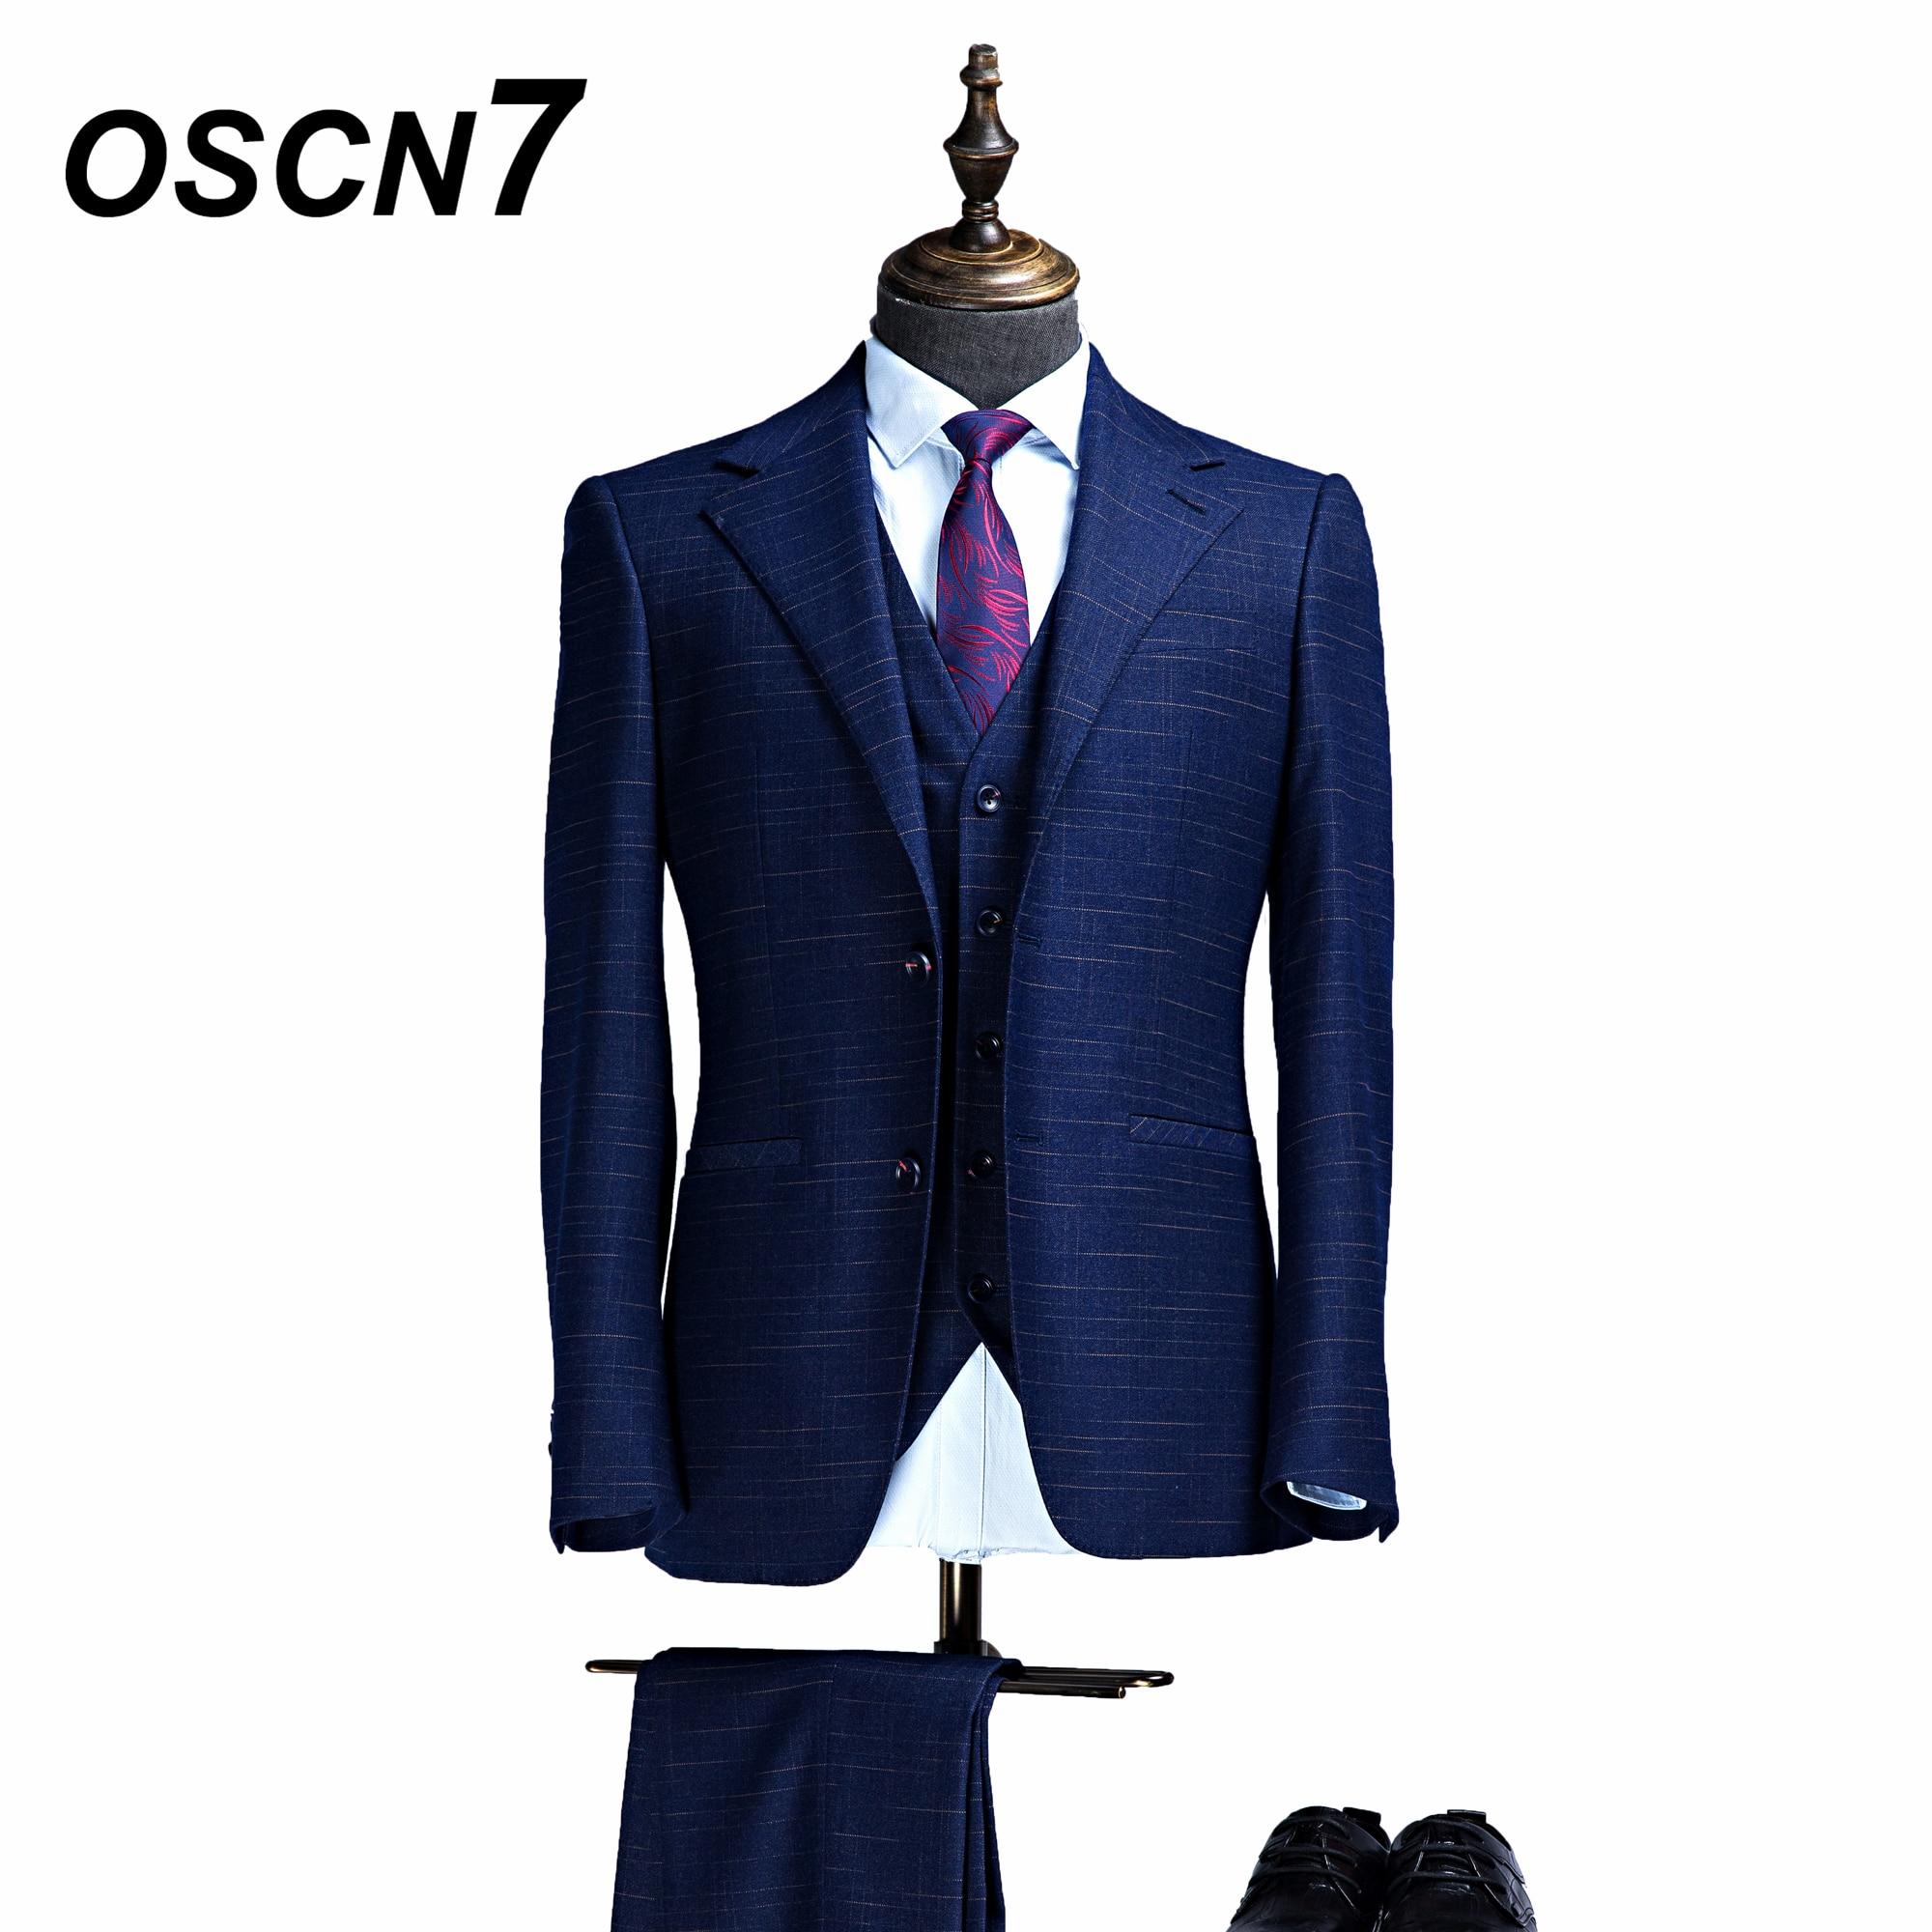 OSCN7 mode imprimé personnaliser costumes pour hommes 3 pièces mariage Business Party hommes sur mesure costume Terno Masculino ZM-503